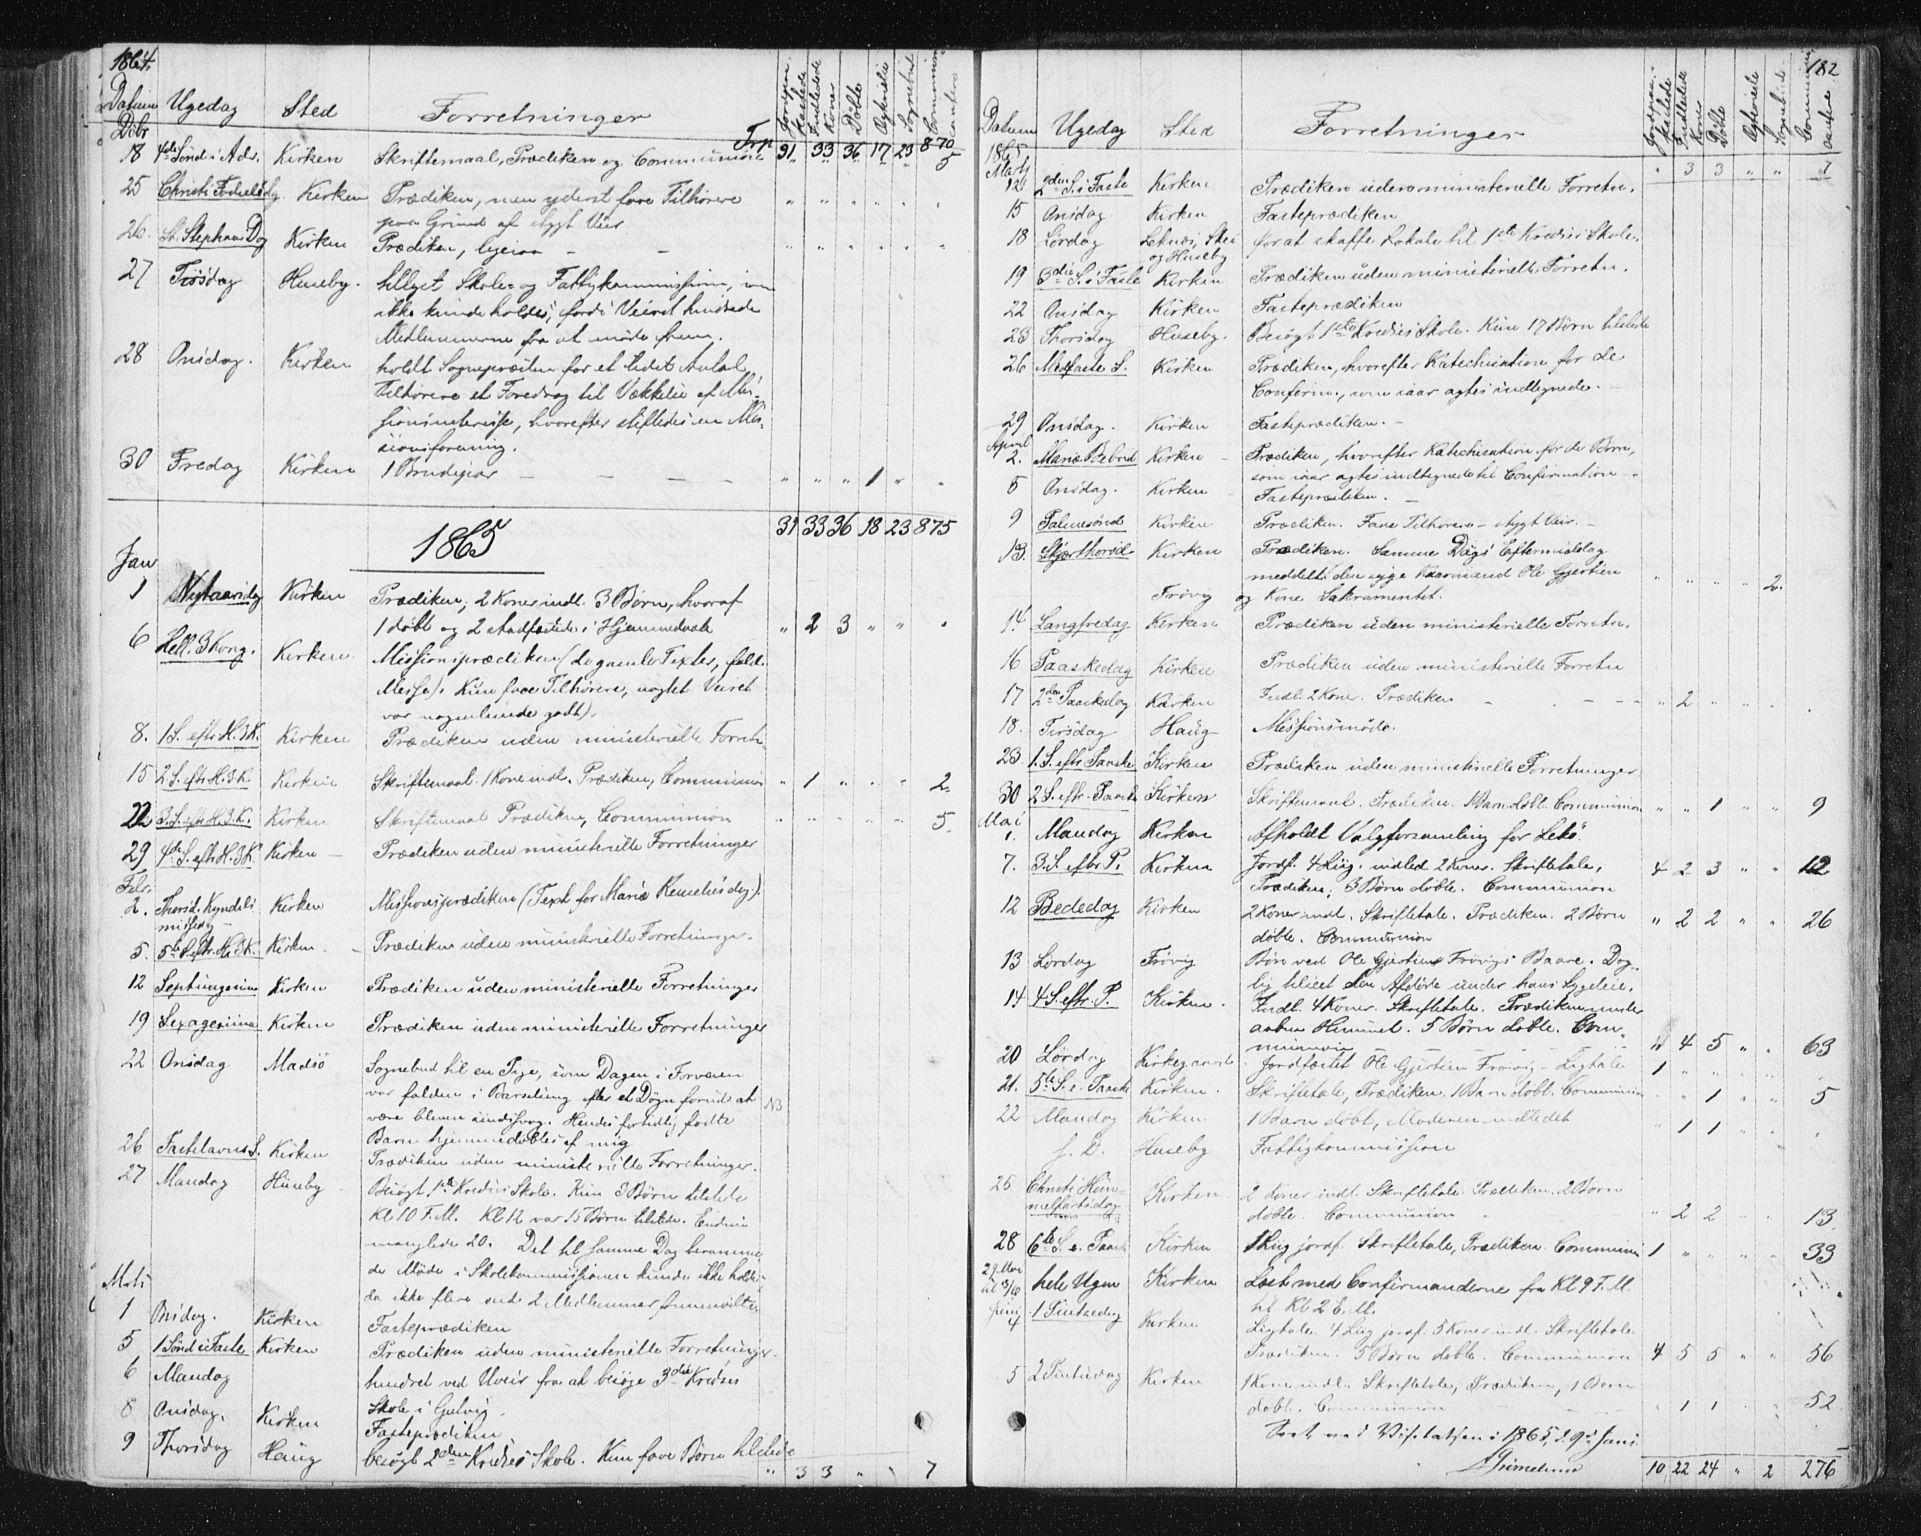 SAT, Ministerialprotokoller, klokkerbøker og fødselsregistre - Nord-Trøndelag, 788/L0696: Ministerialbok nr. 788A03, 1863-1877, s. 182